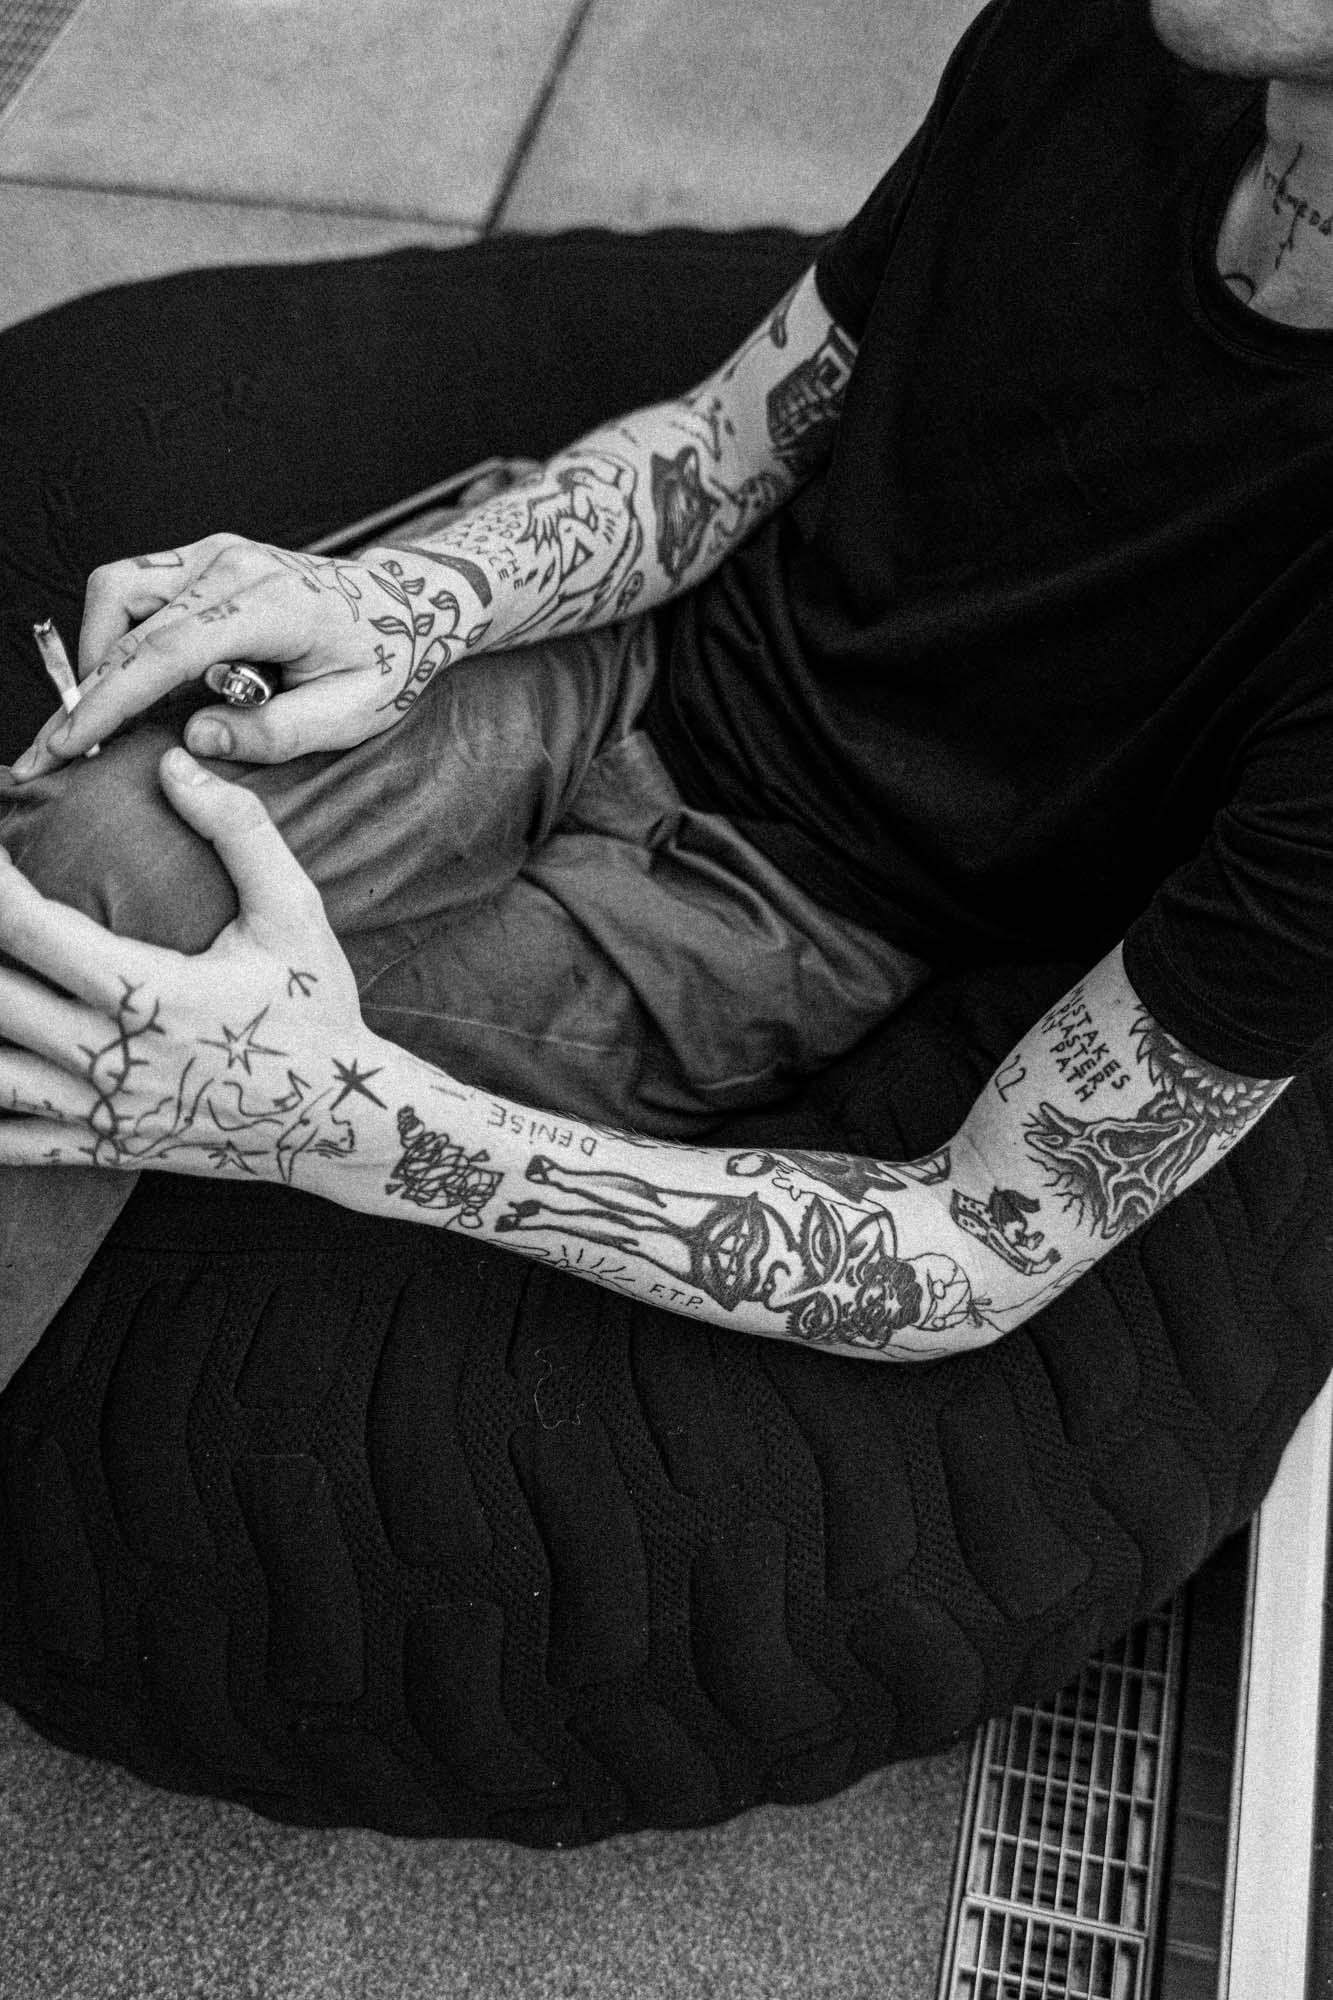 Dort treffe ich dann meinen vater tattoo